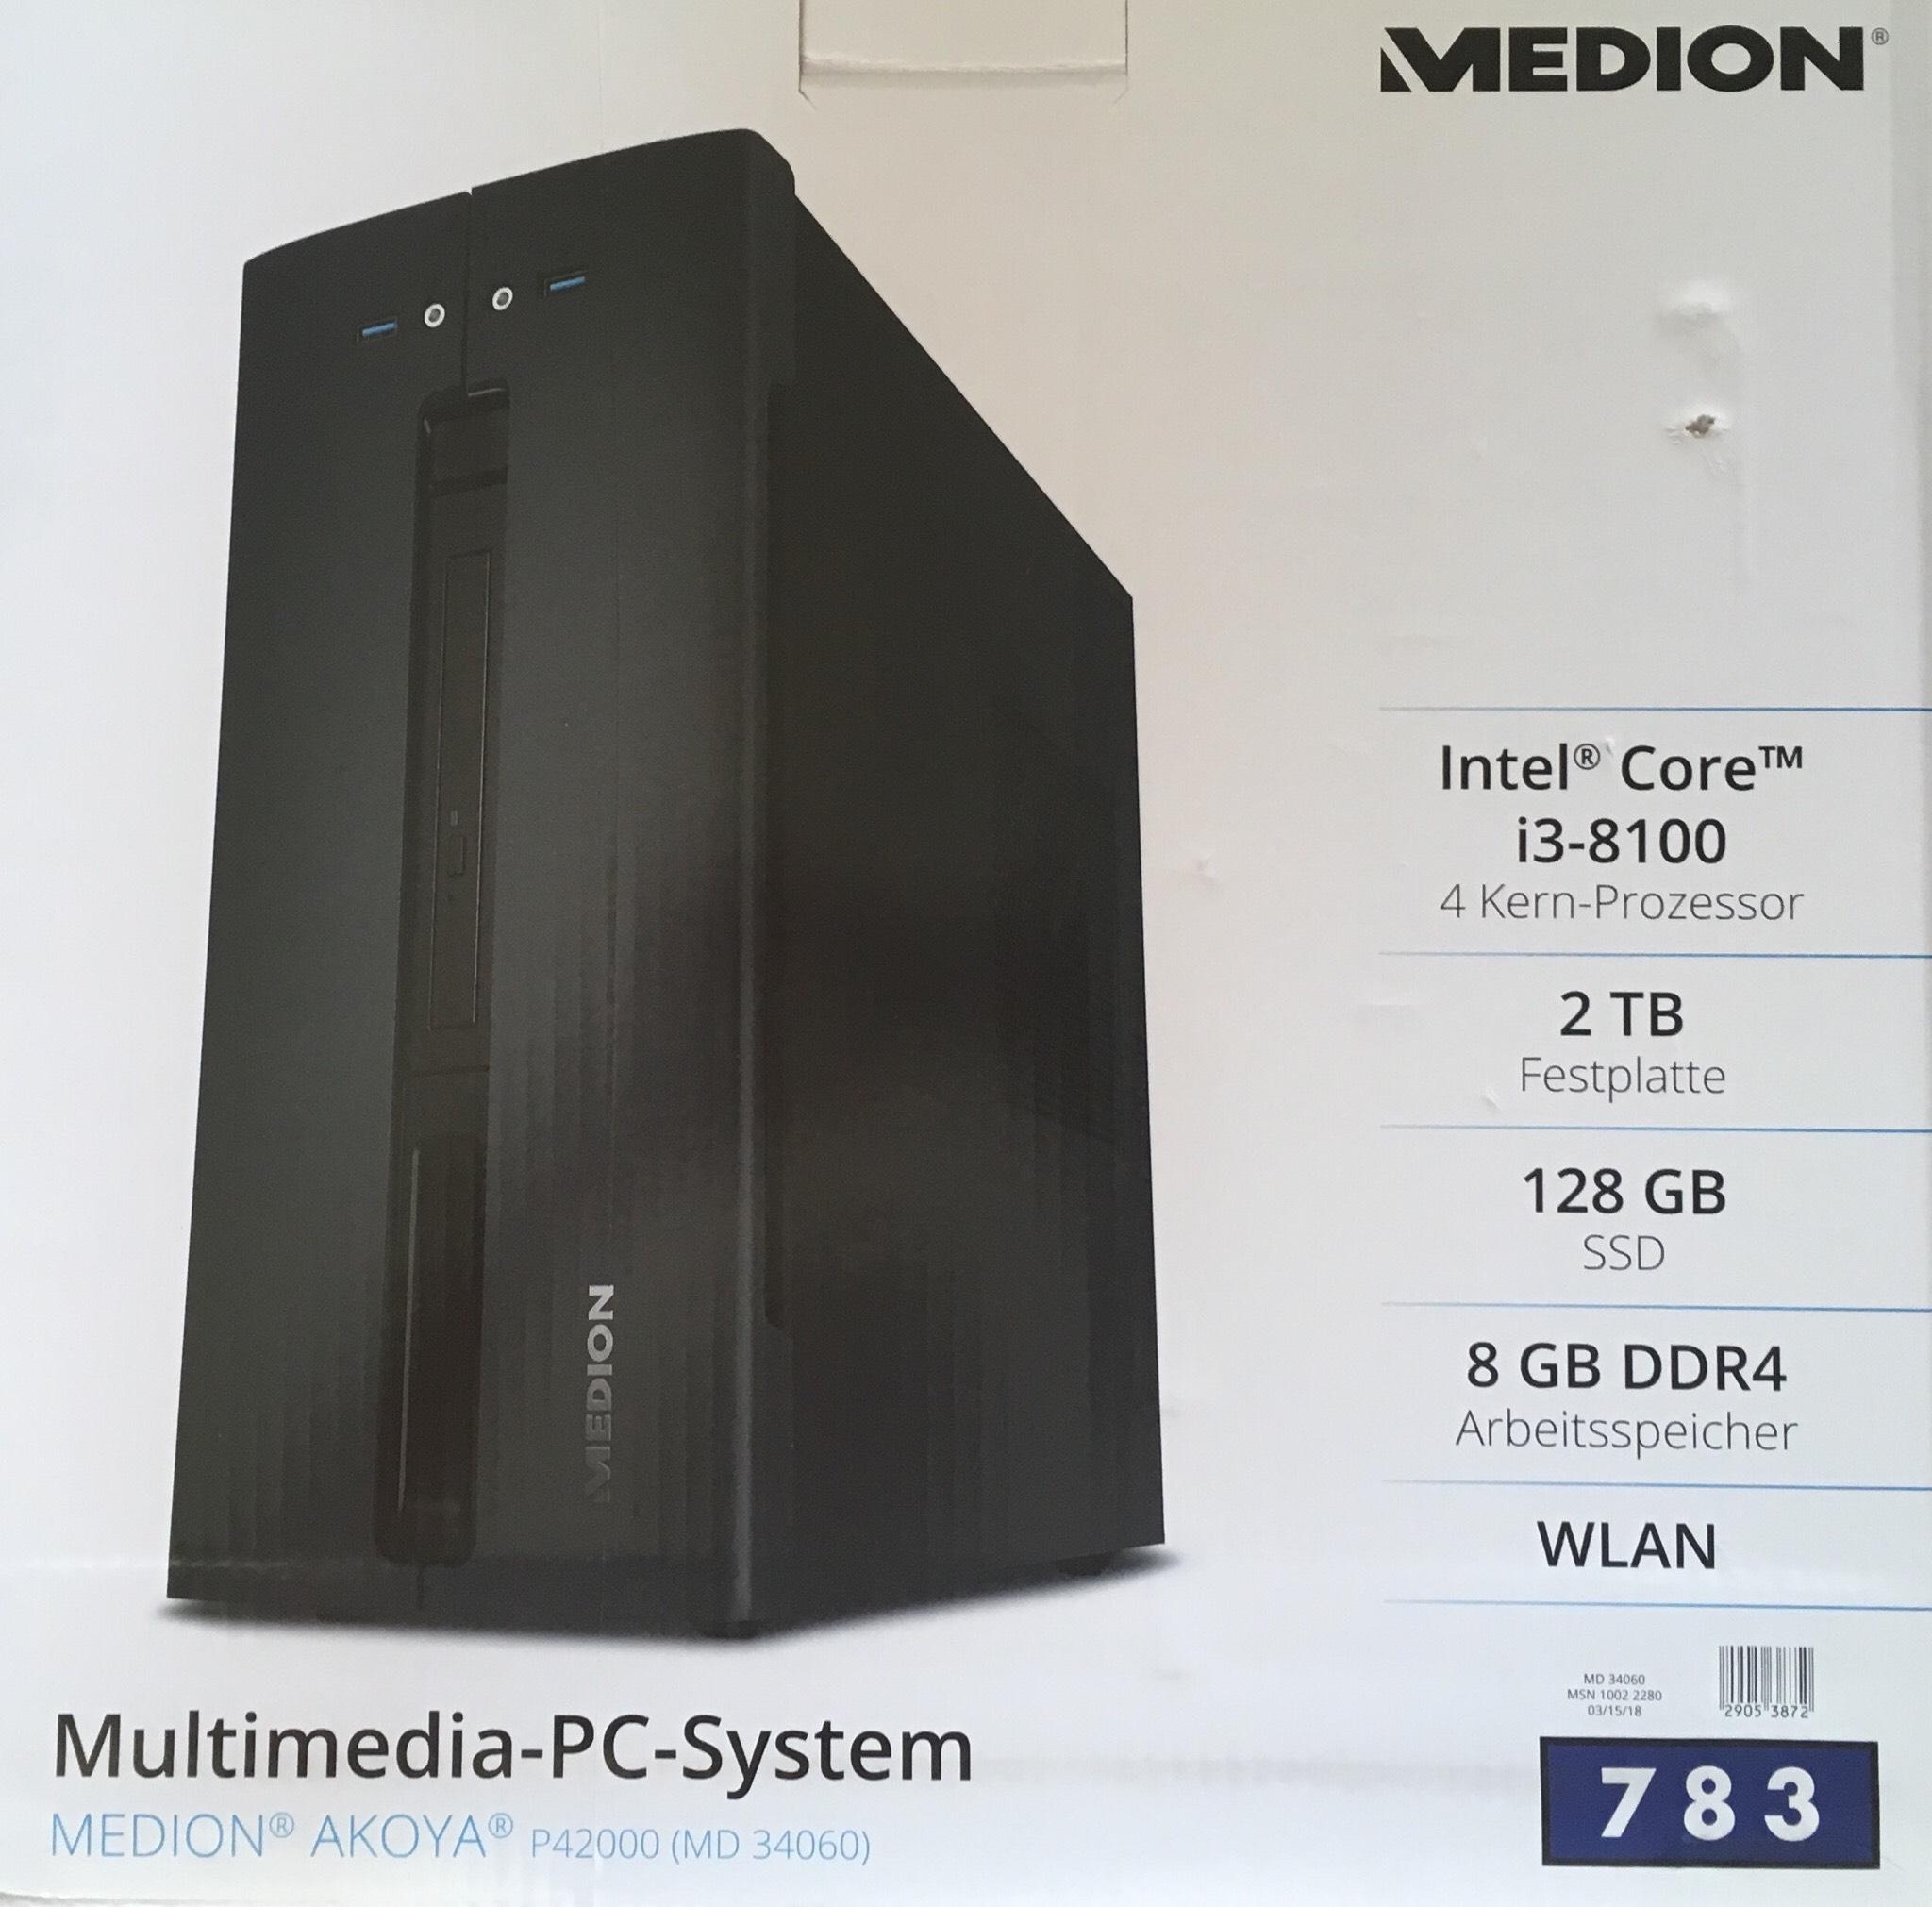 [Lokal ALDI Nord Hannover/ Ahlem] Multimedia-PC-System Medion Akoya, Intel i3, 8GB DDR4, 128GB SSD, 2TB HDD